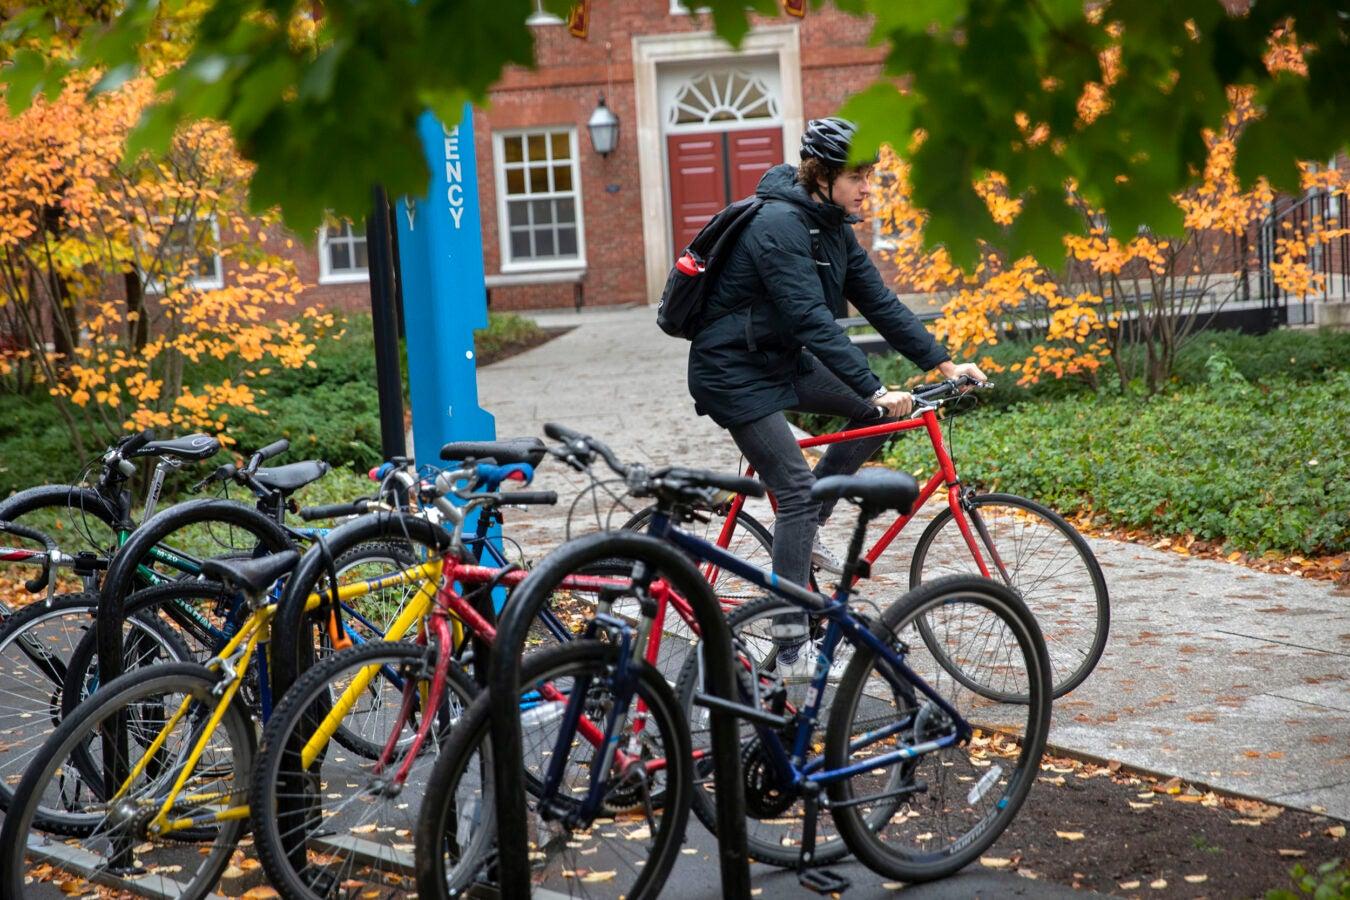 Hugo Milner rides his bike outside Dunster House